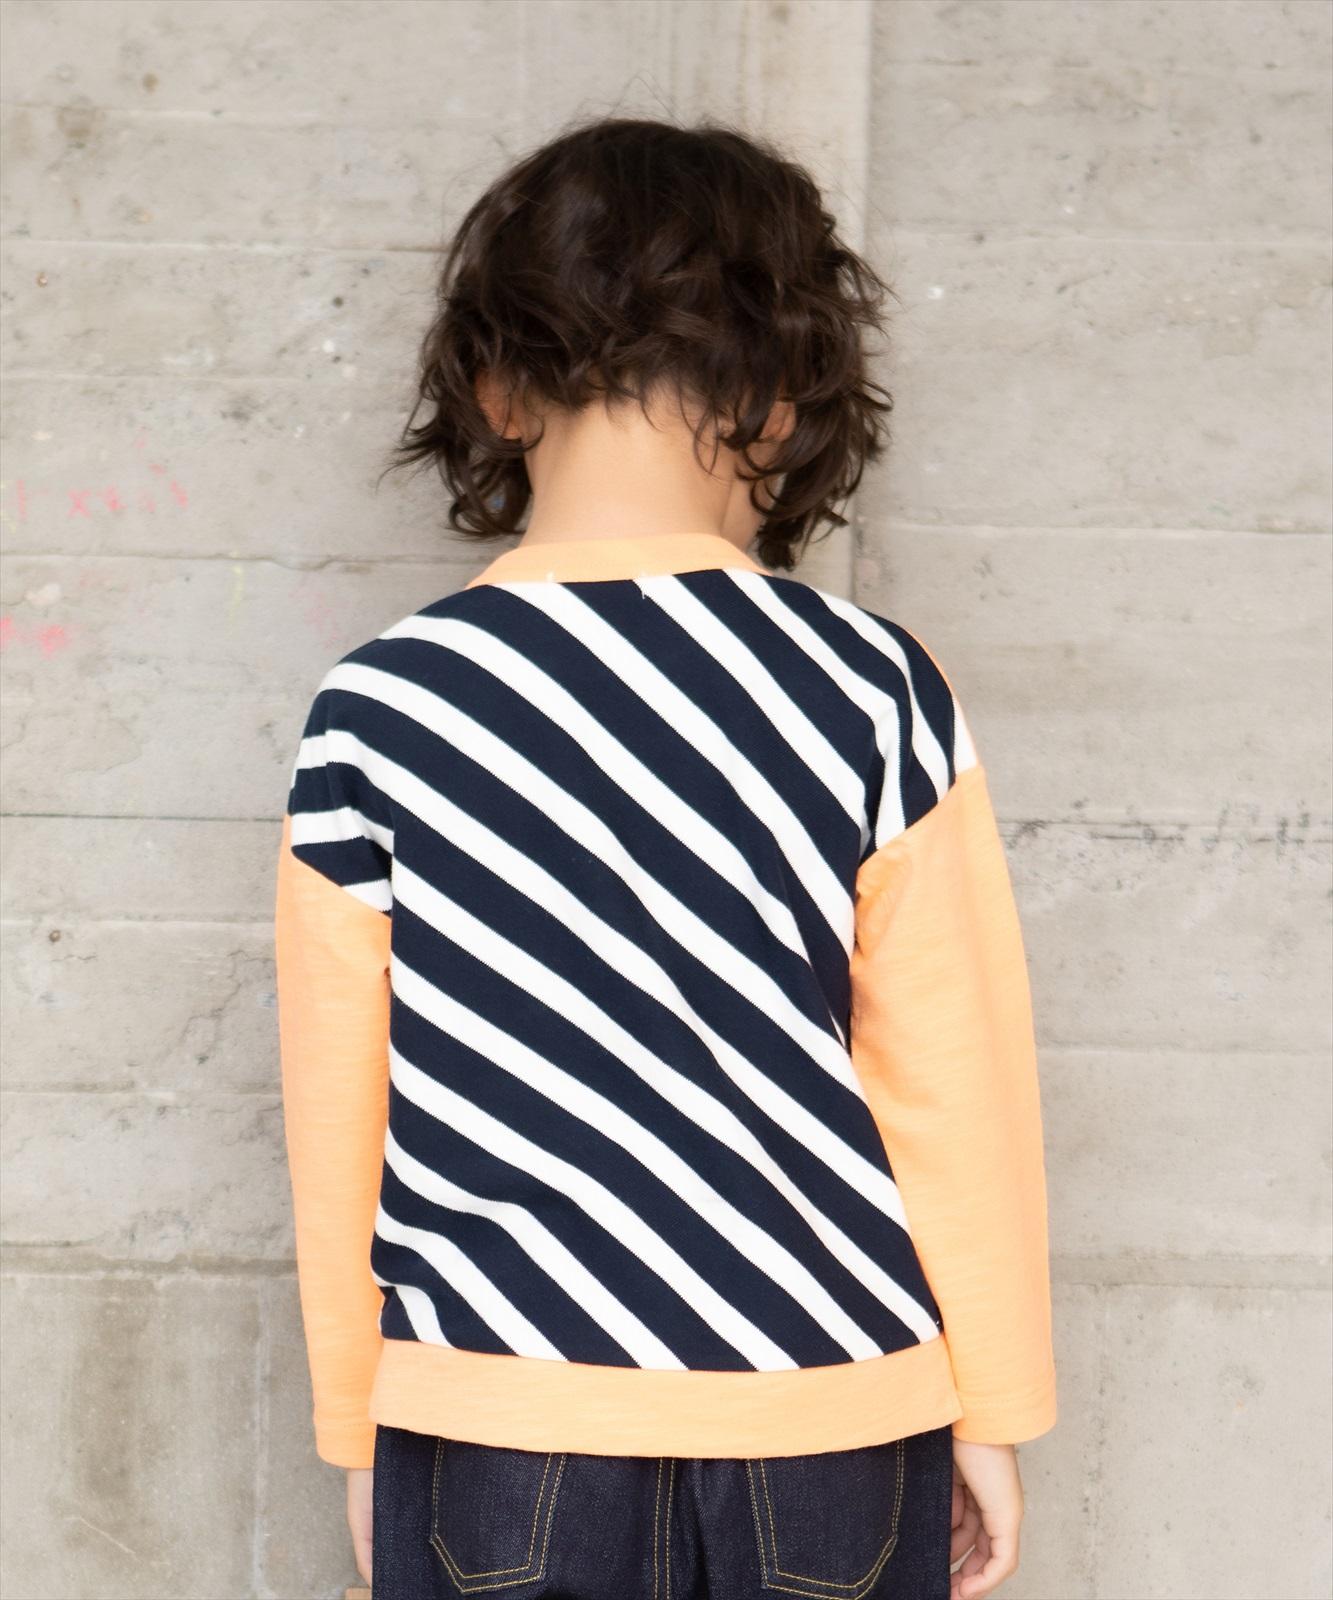 【セール】カメラプリントロングスリーブTシャツ